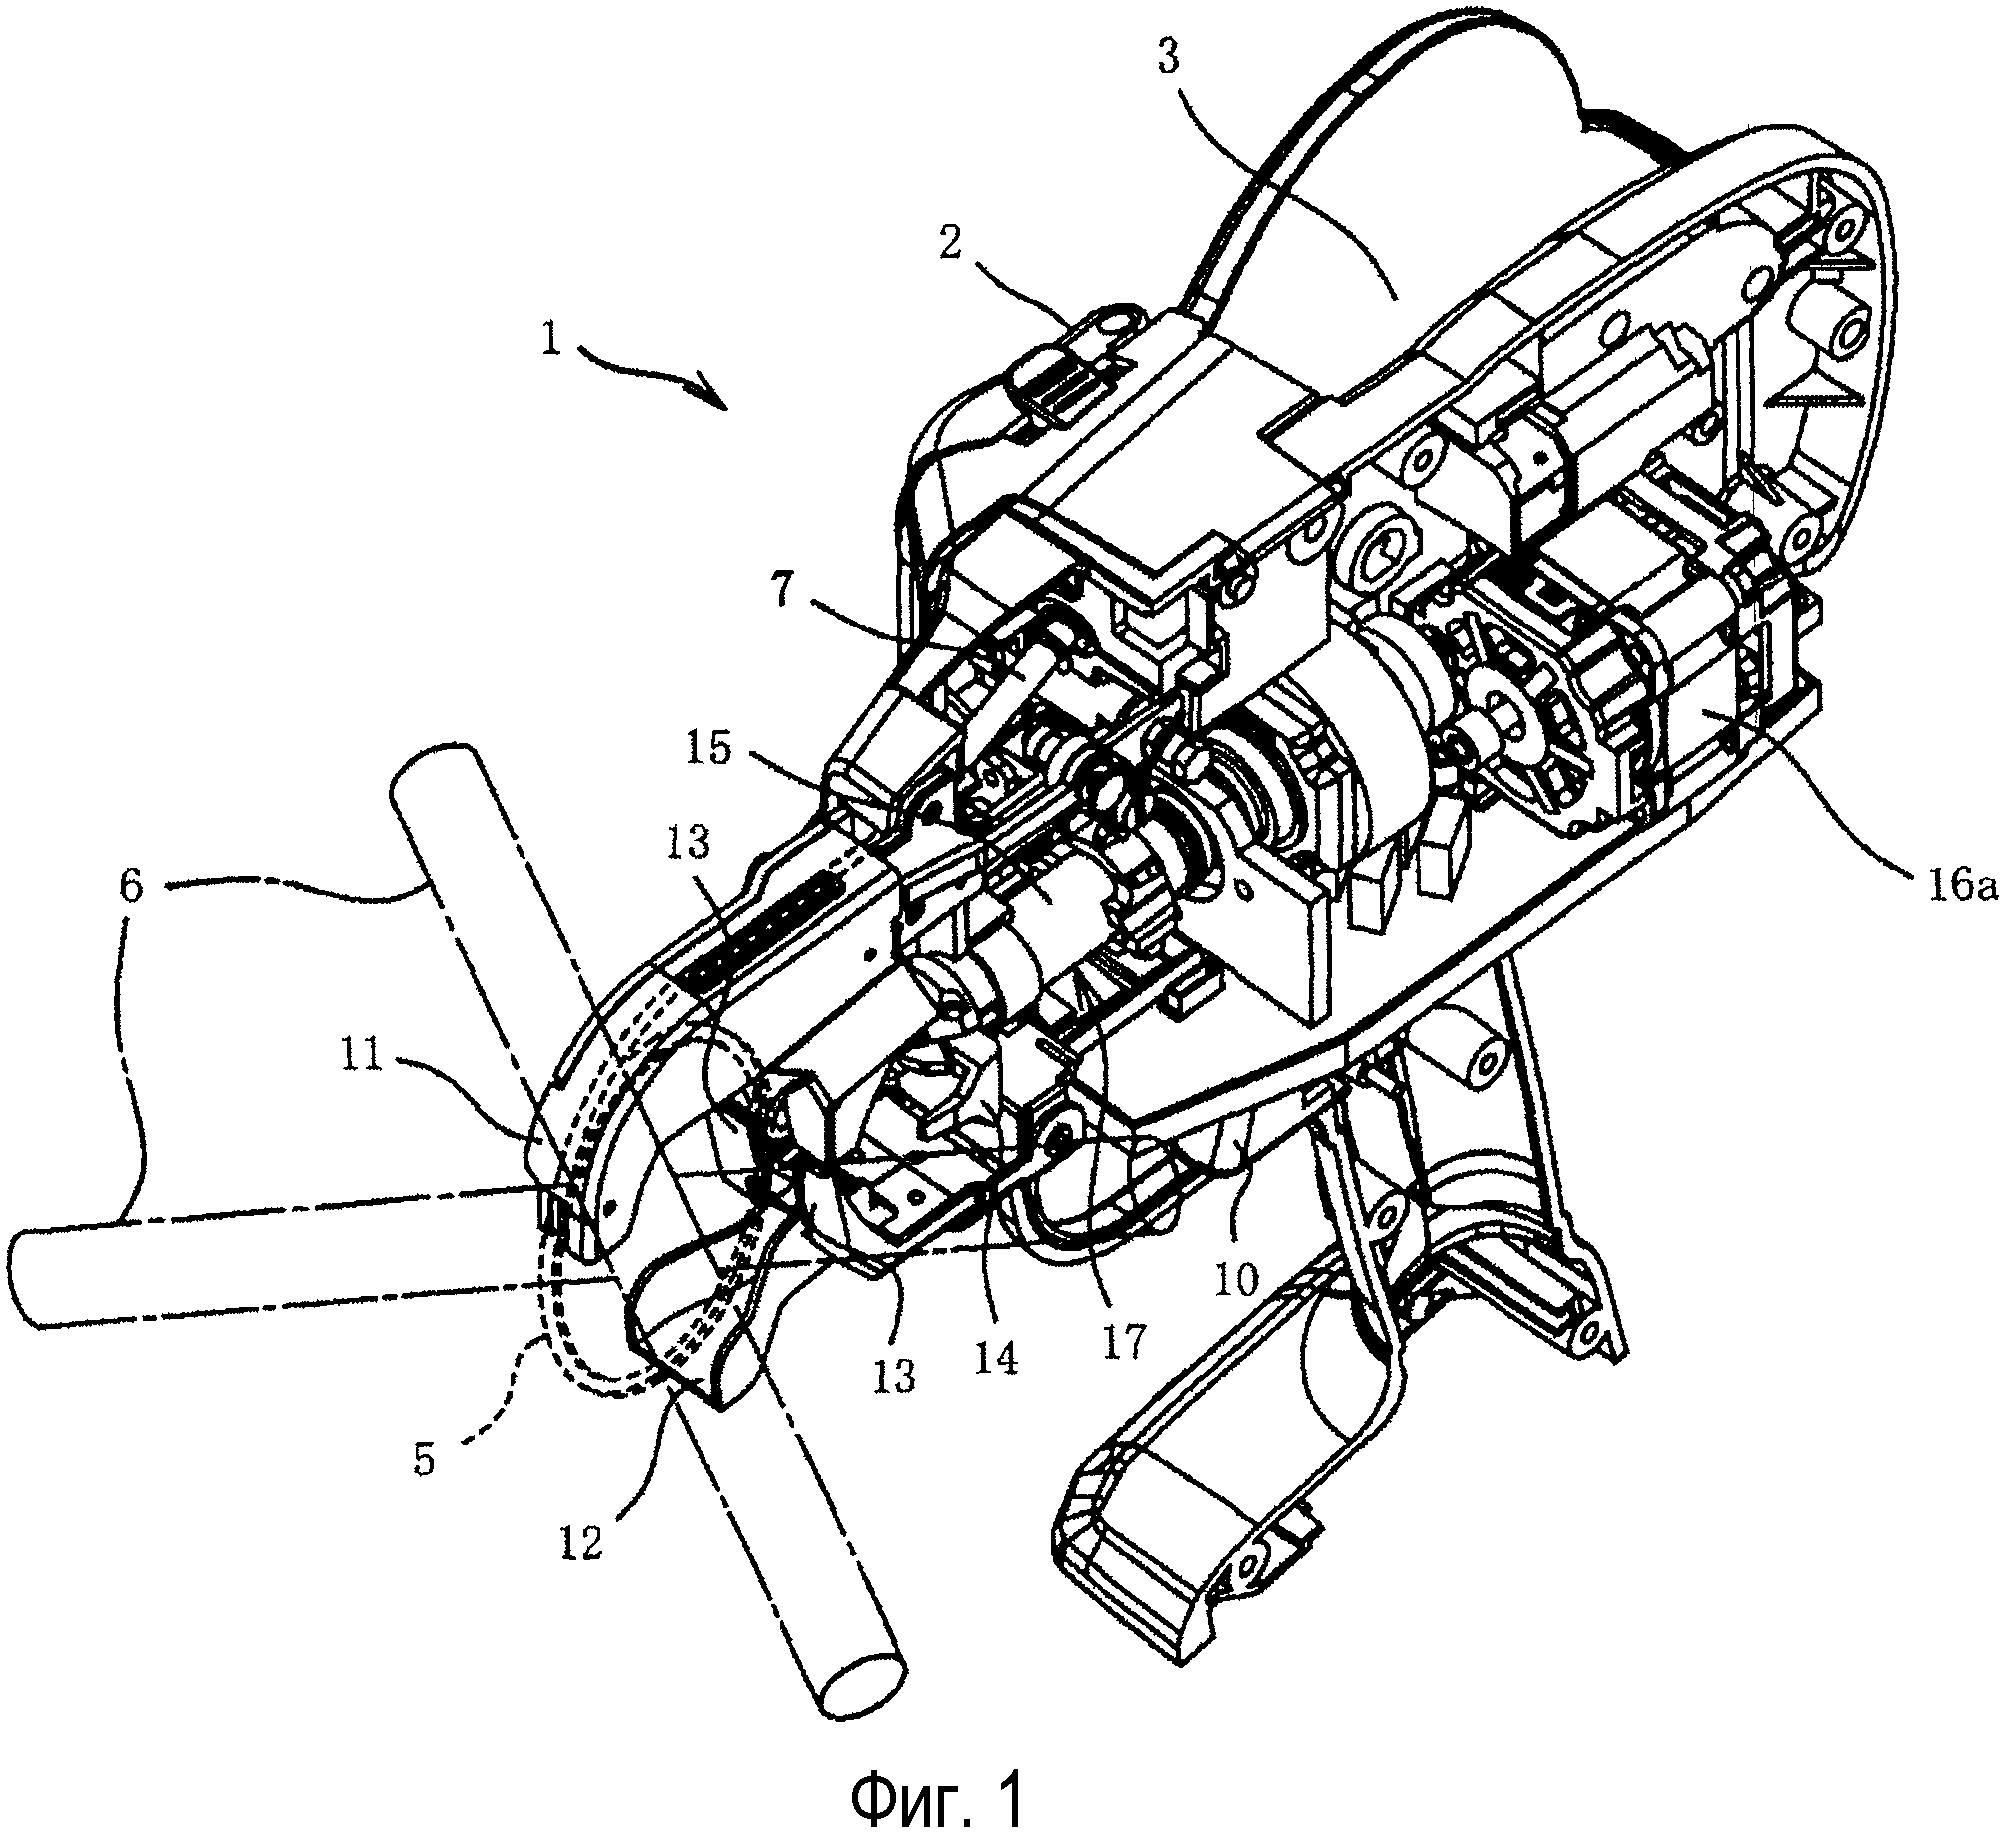 Катушка для проволоки, машина для обвязки арматуры и способ определения информации о вращении